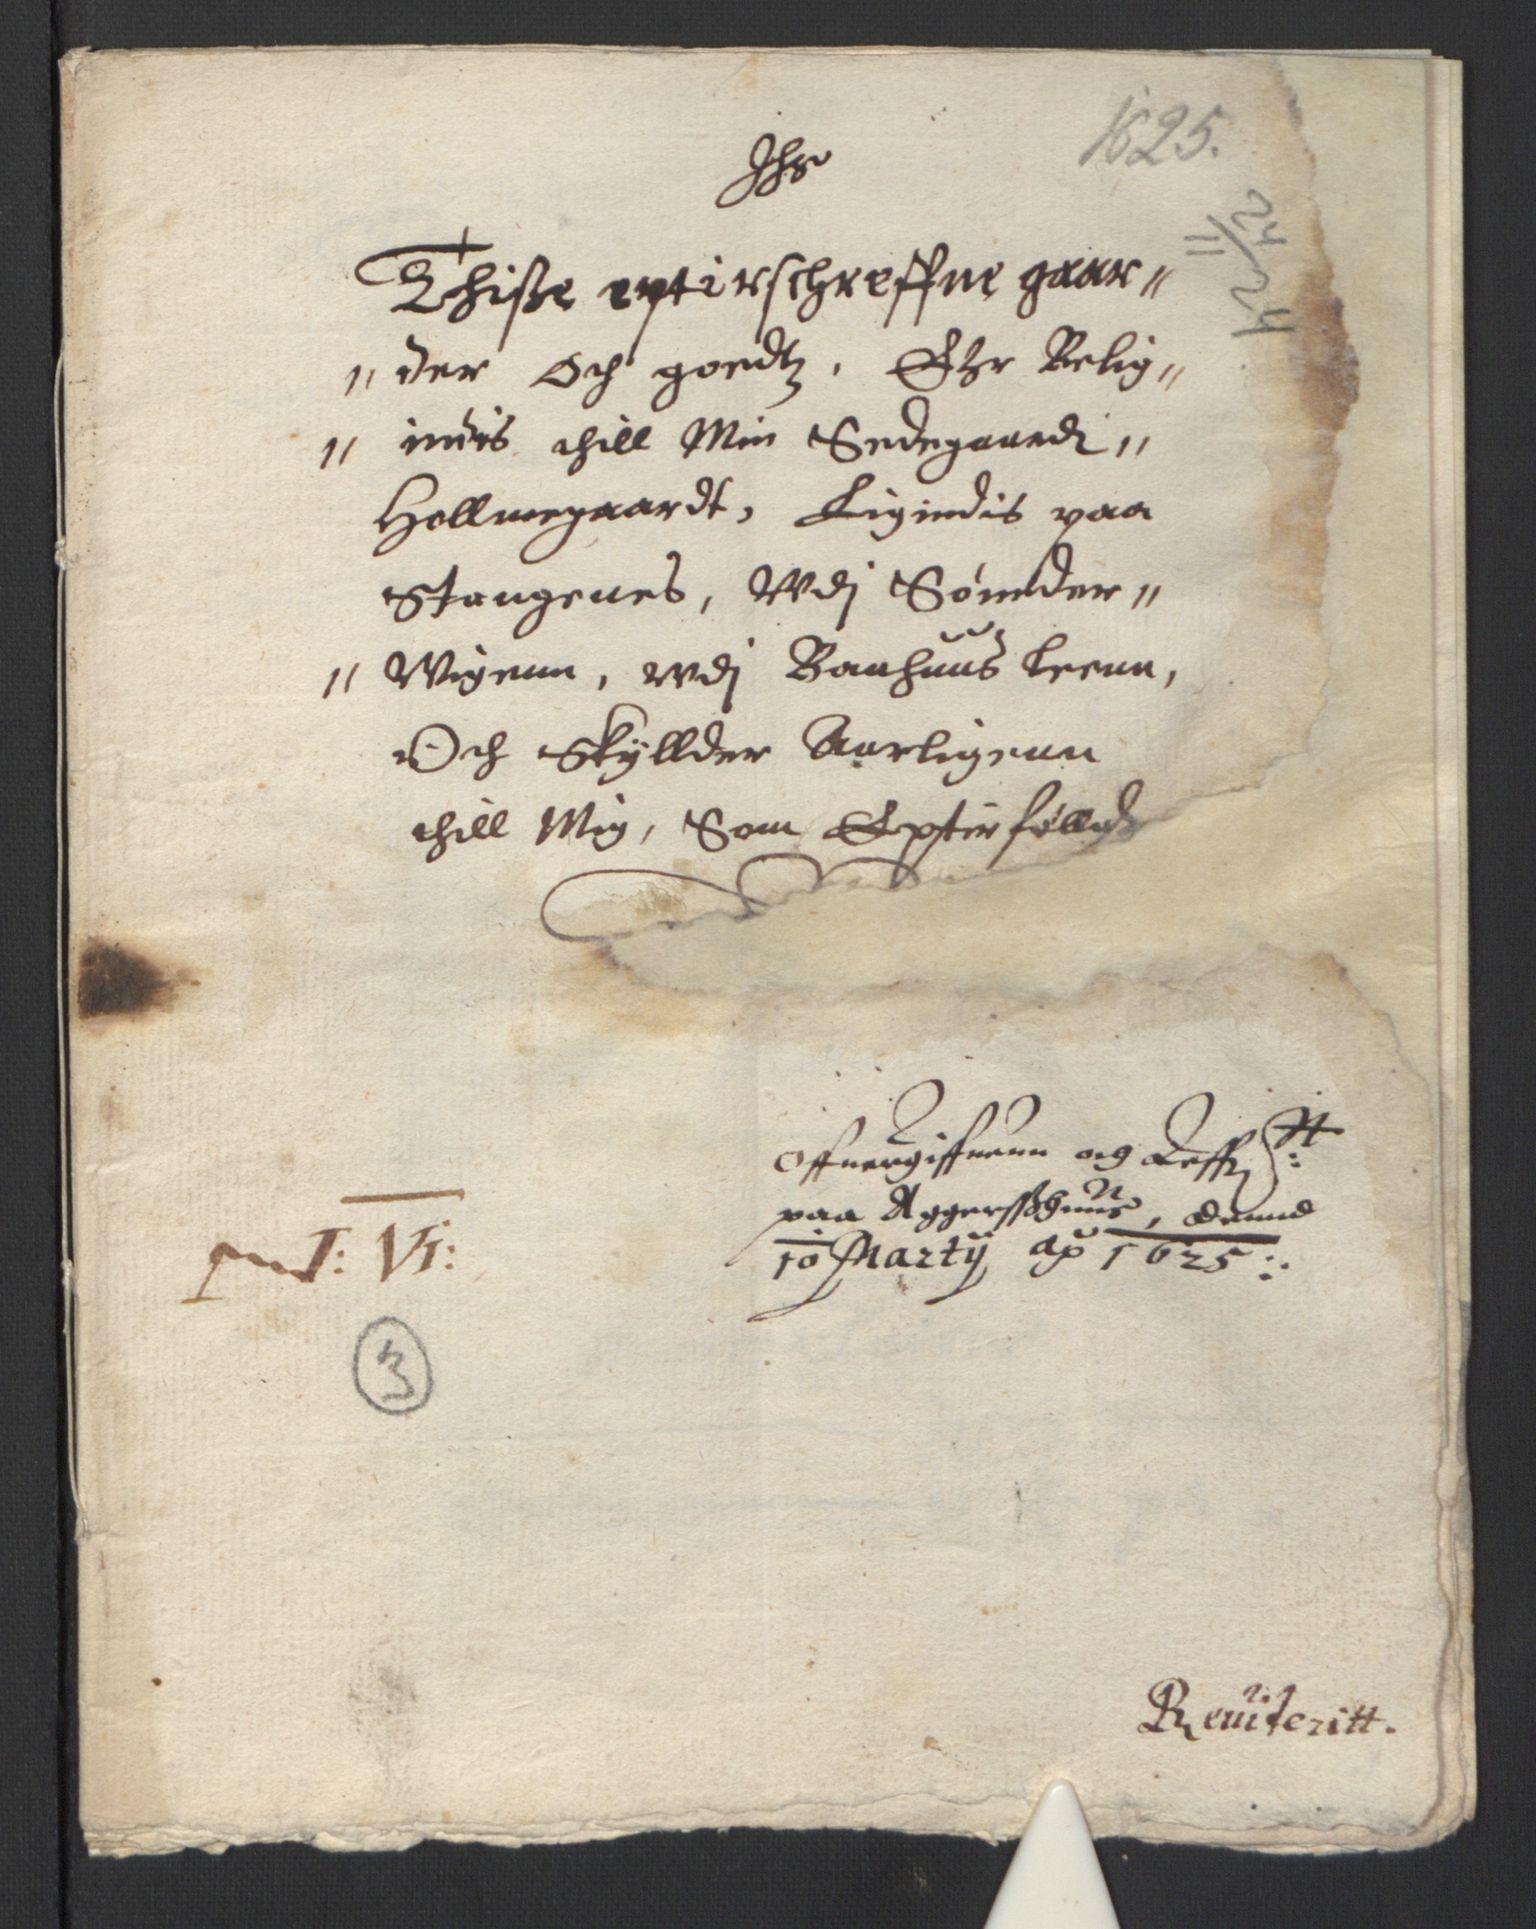 RA, Stattholderembetet 1572-1771, Ek/L0007: Jordebøker til utlikning av rosstjeneste 1624-1626:, 1624-1625, s. 202